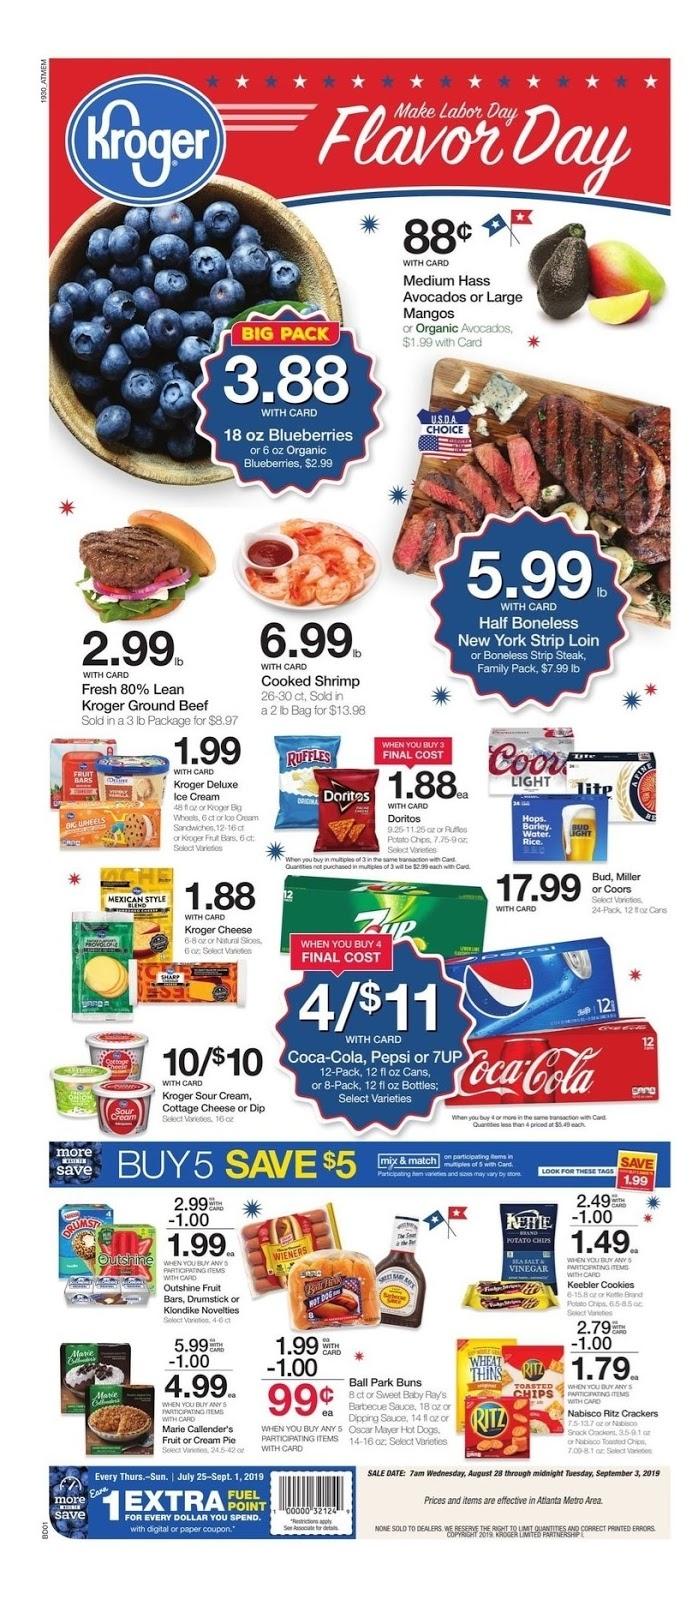 Kroger Weekly Ad August 28 - September 3, 2019